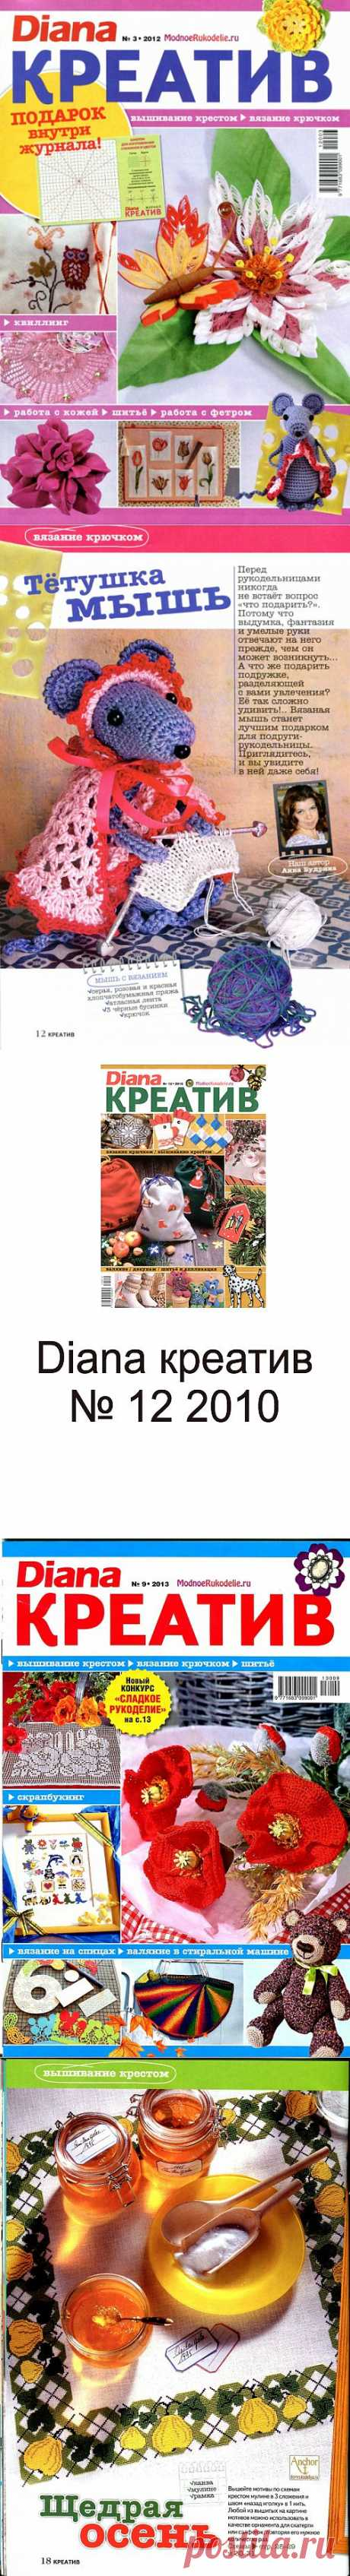 диана креатив- много разных мелочей для декора - вышивка, игрушки, вязание, поздравительные открытки. - mad1959— я.ру